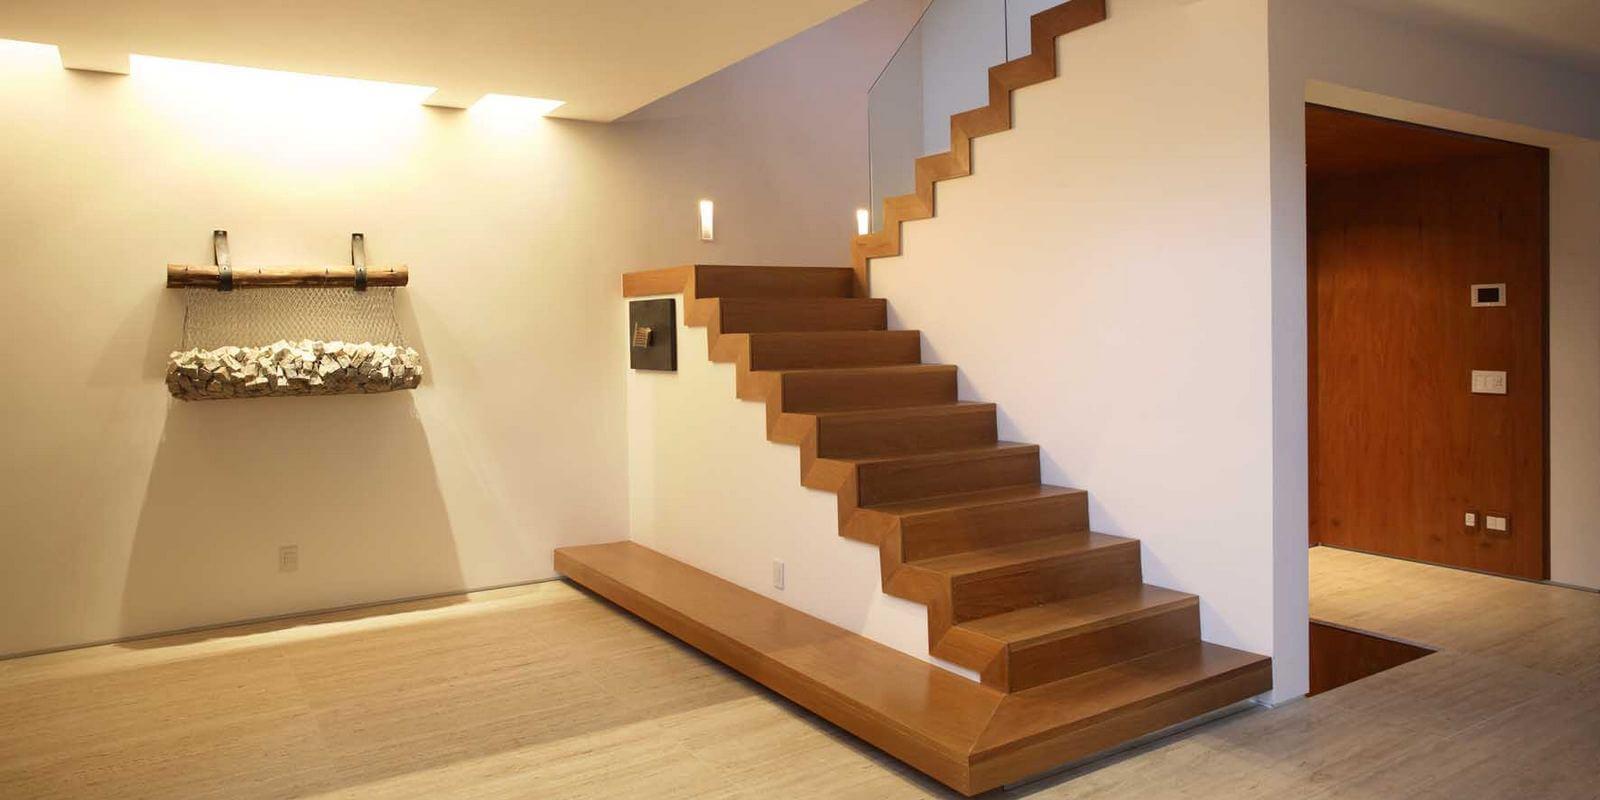 Дизайн лестниц из дерева (фото лестницы)